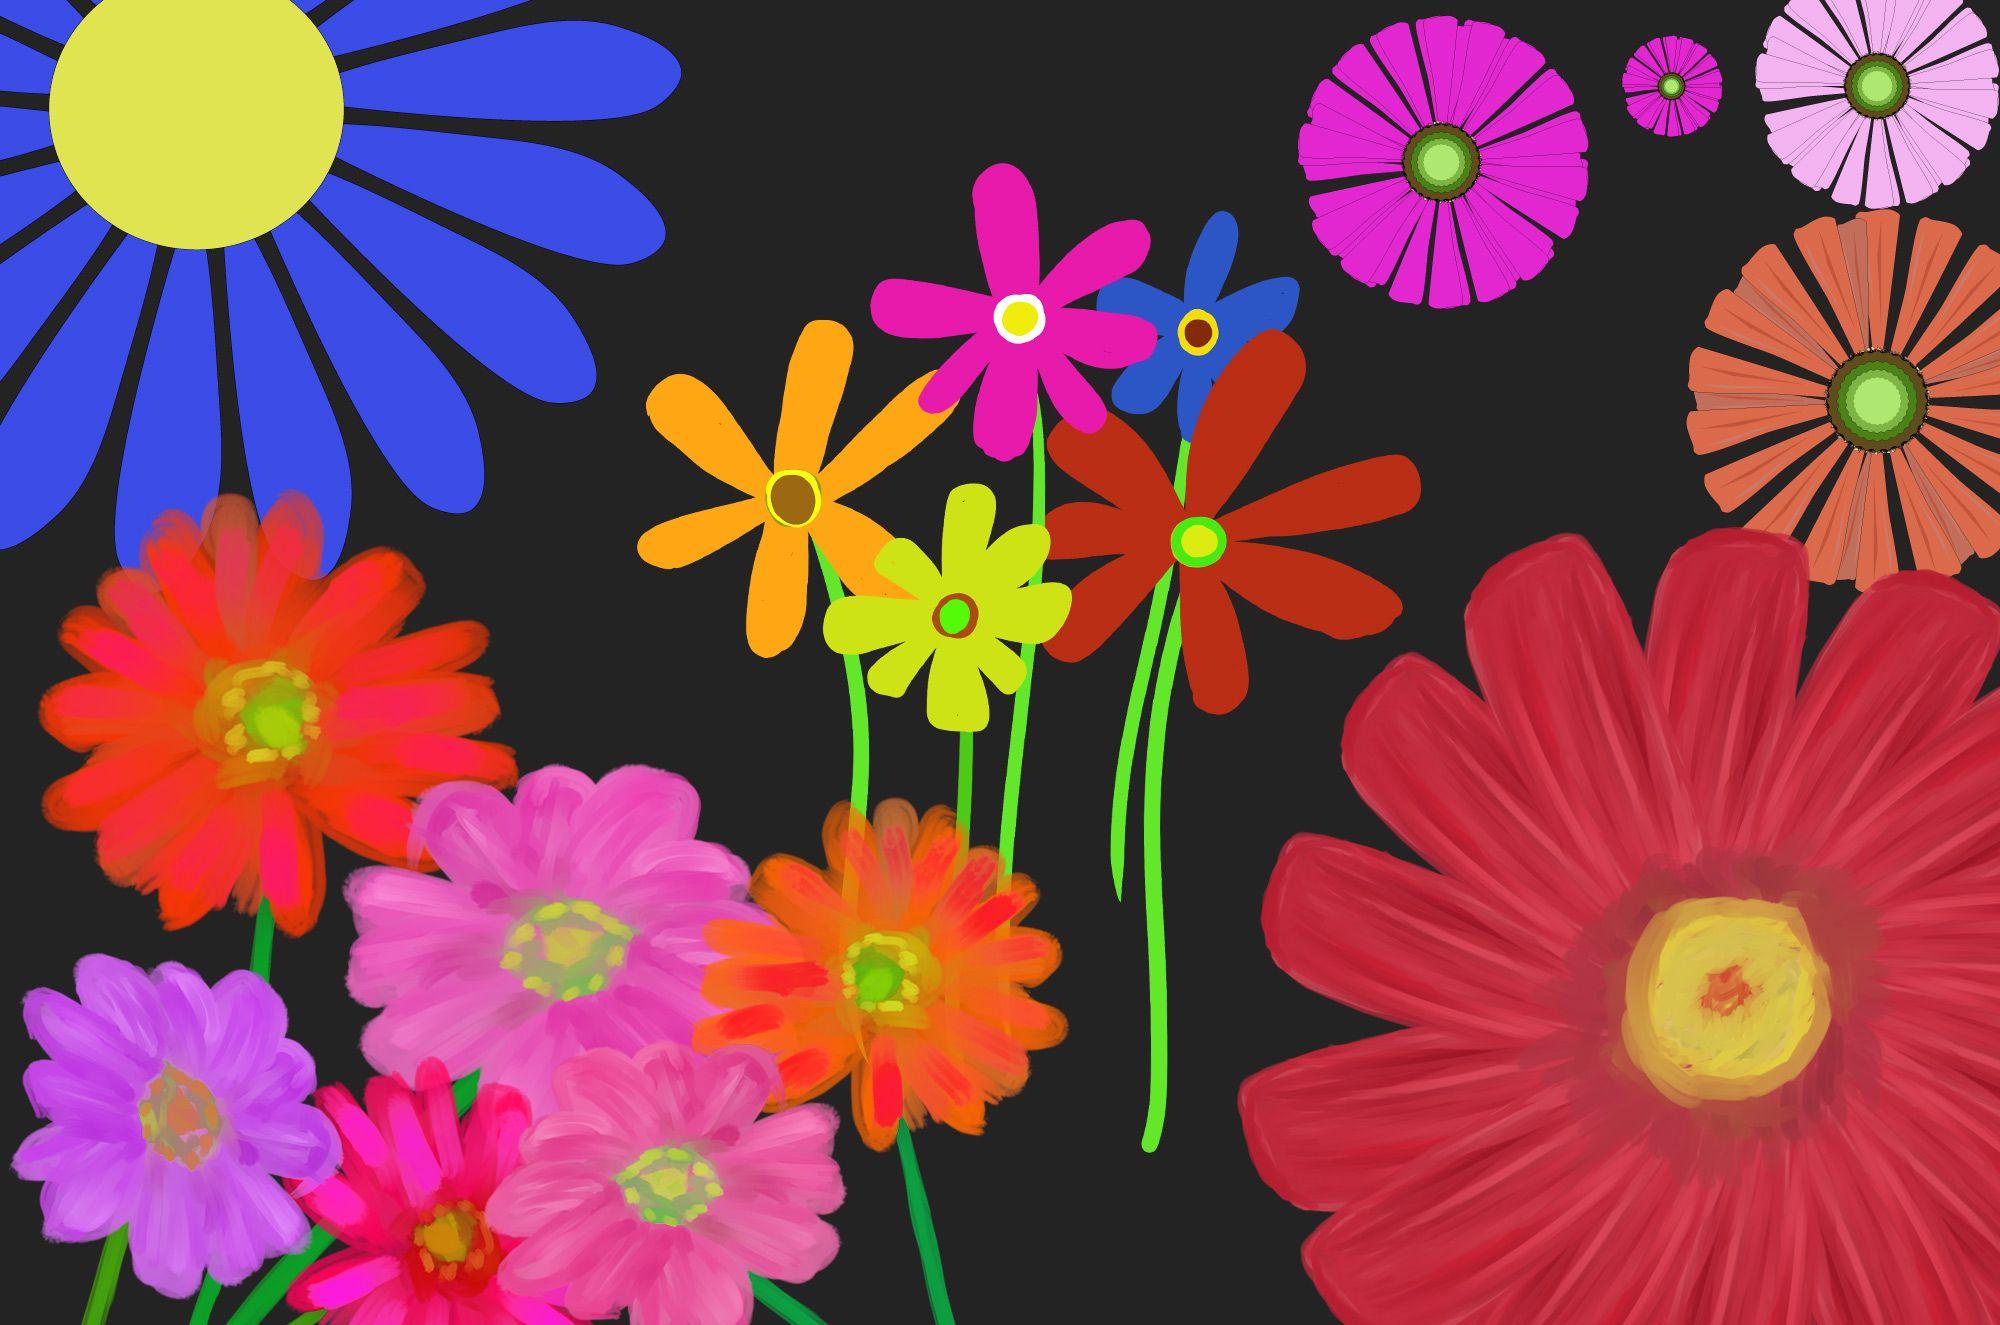 ガーベライラスト ガーリーイメージに可愛い花の素材 フリー